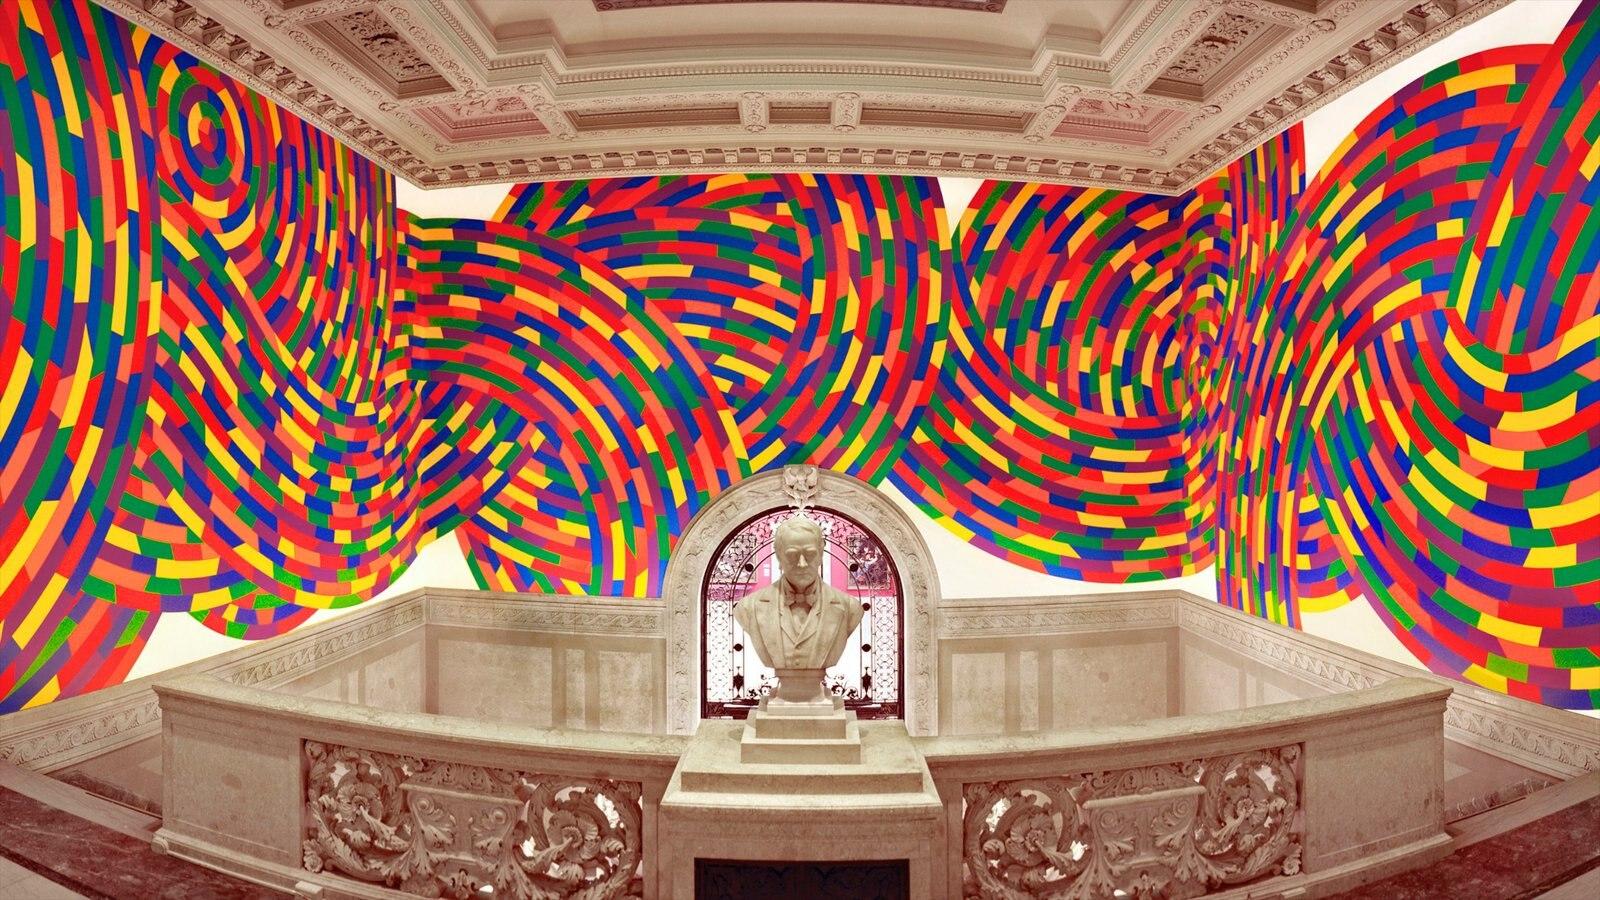 Hartford mostrando arte e vistas internas